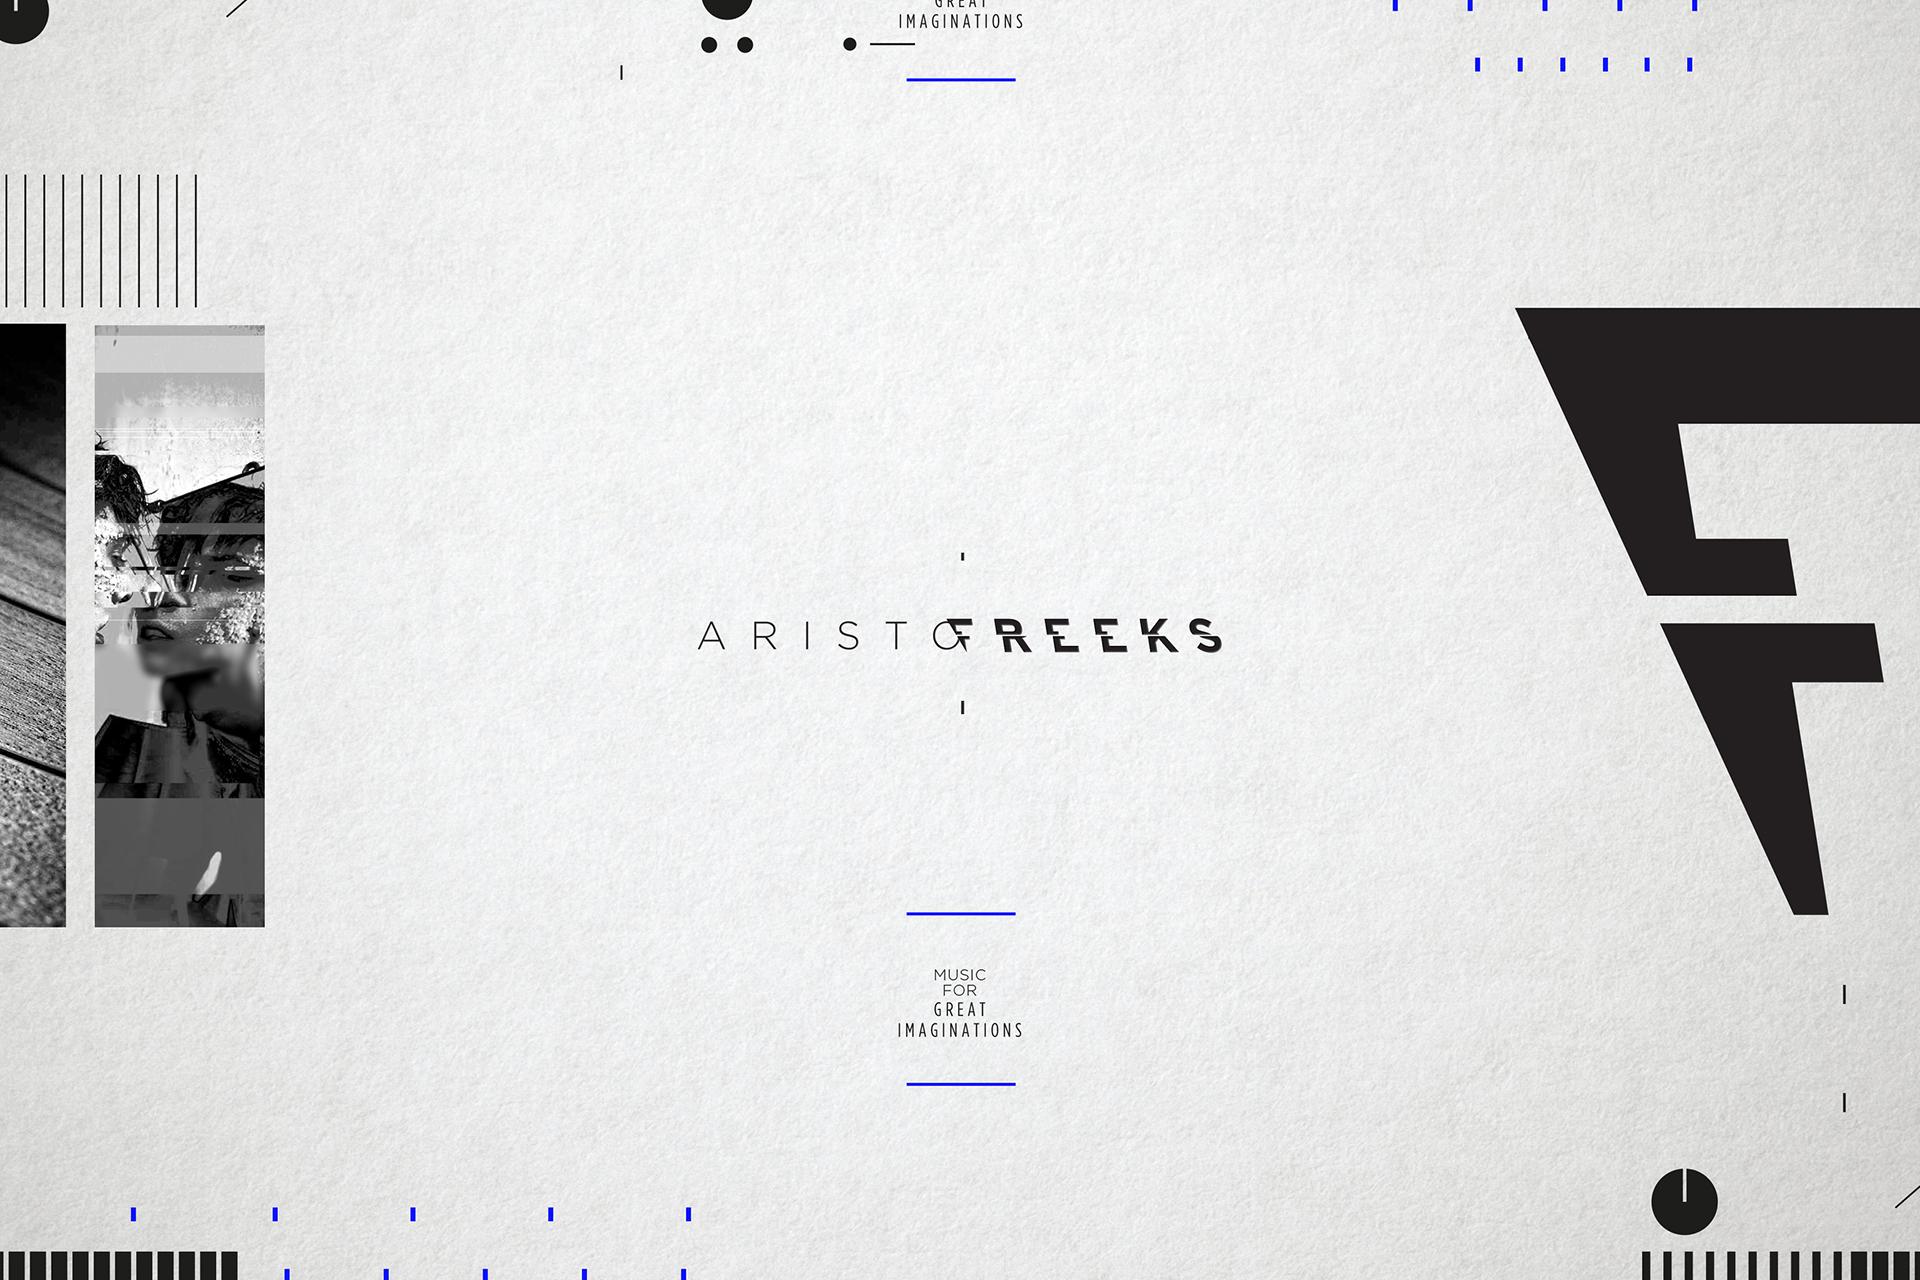 Aristofreeks2